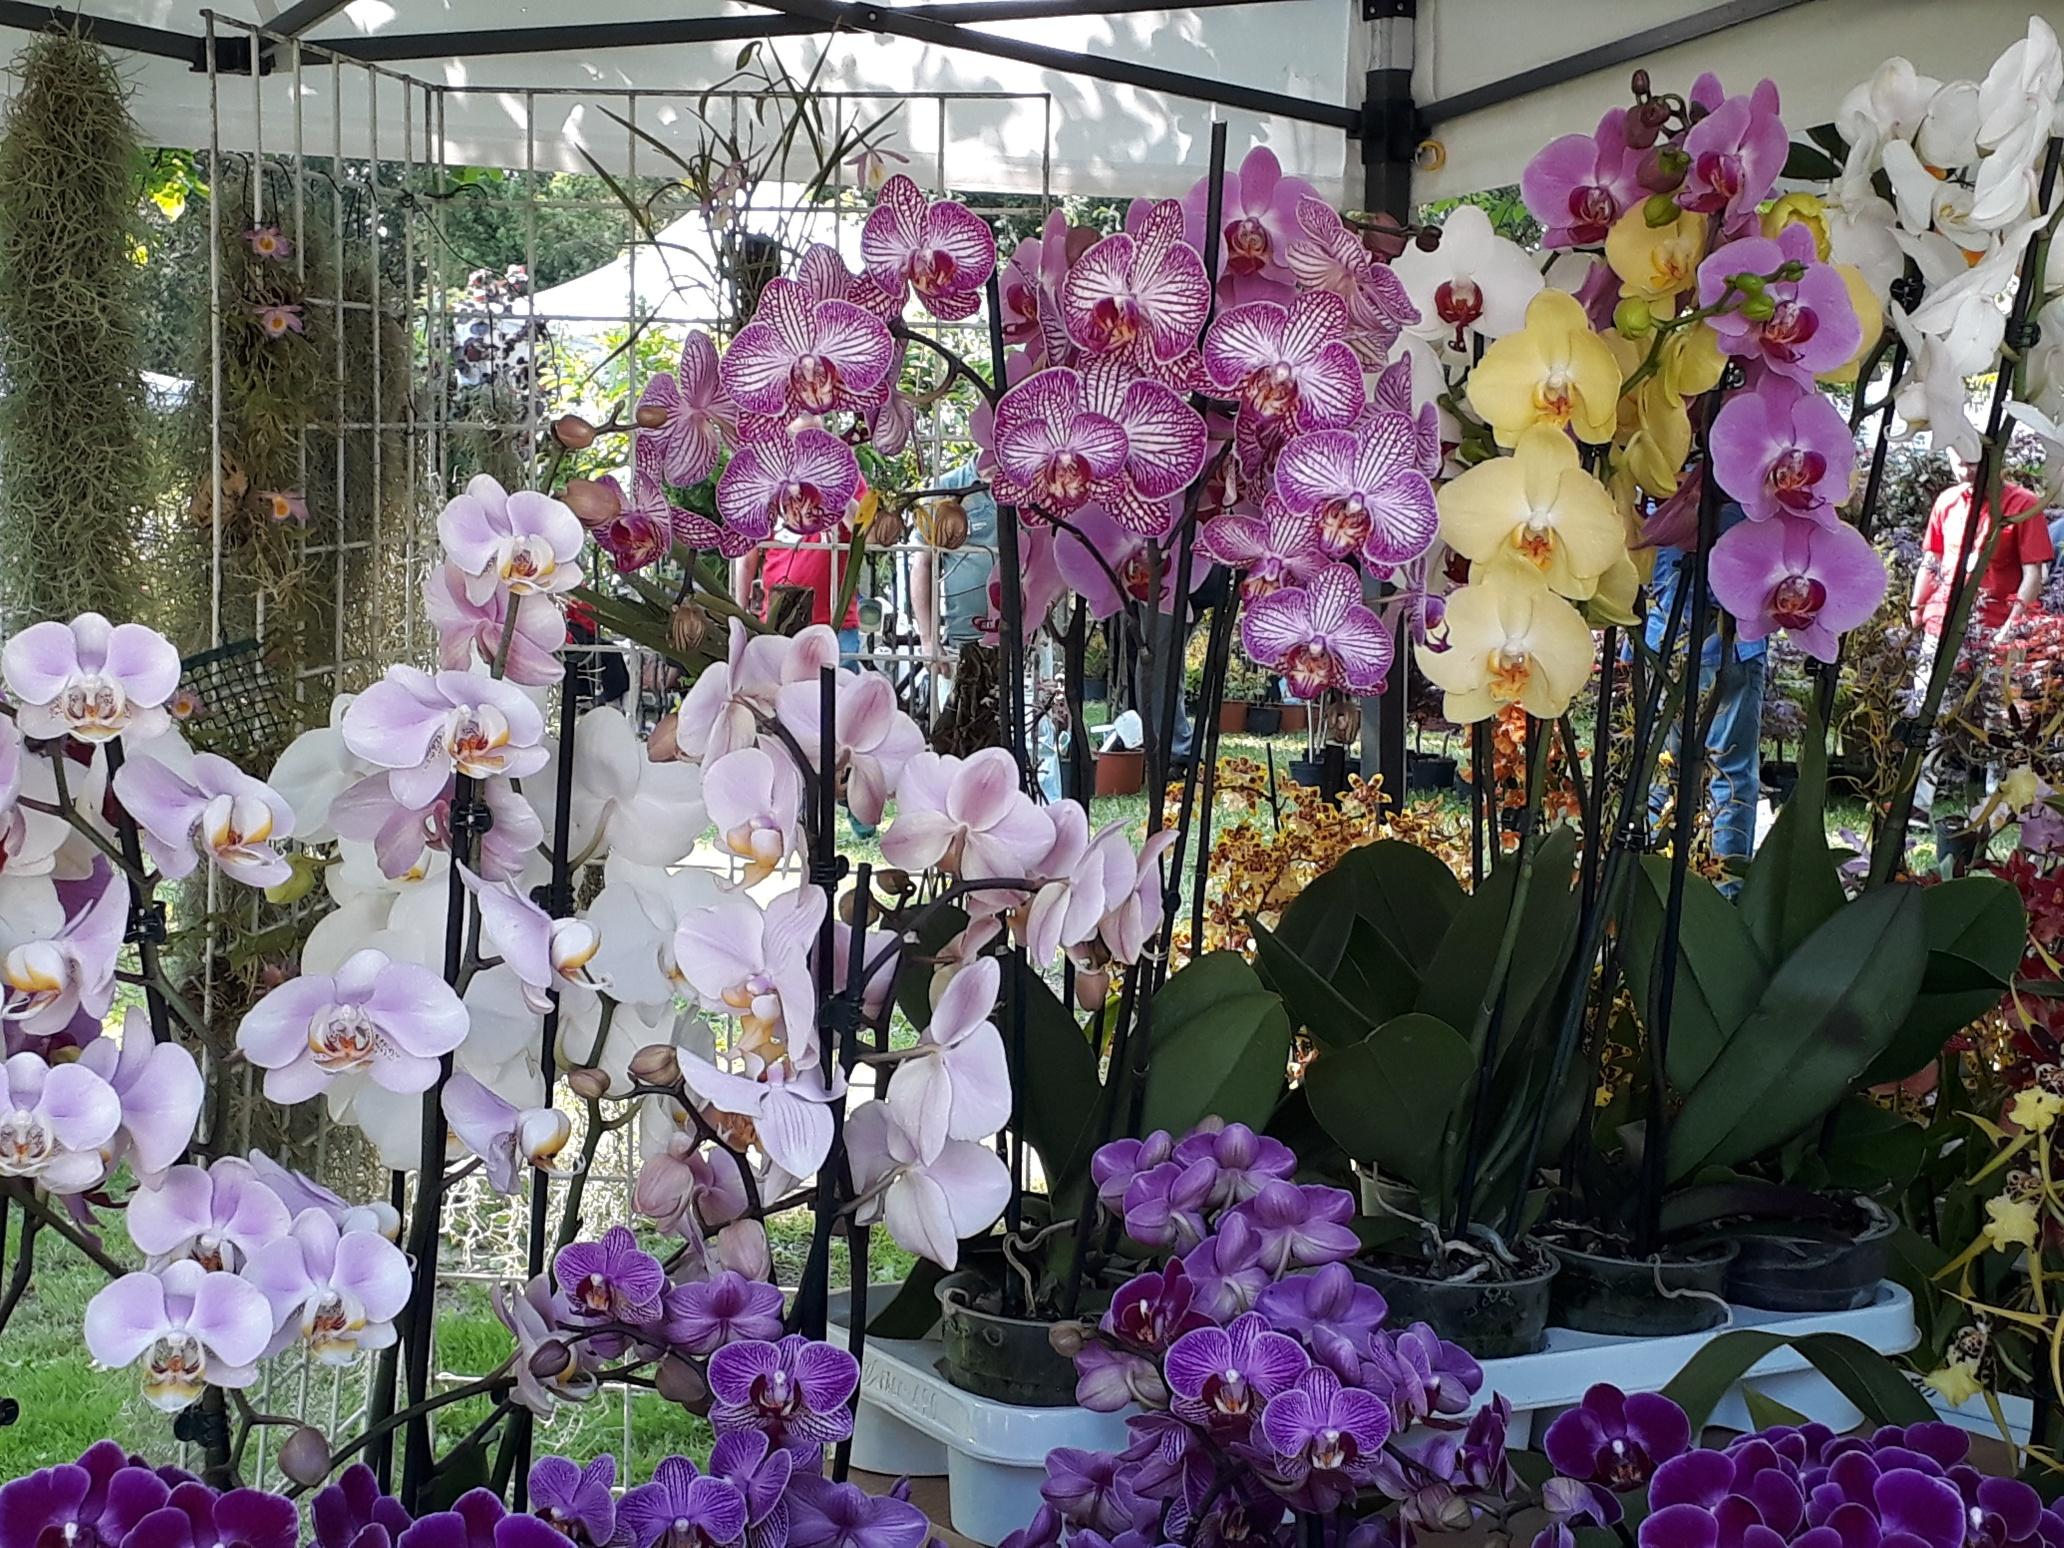 Immagini Piante E Fiori le foto più belle di floravilla, mostra mercato di piante e